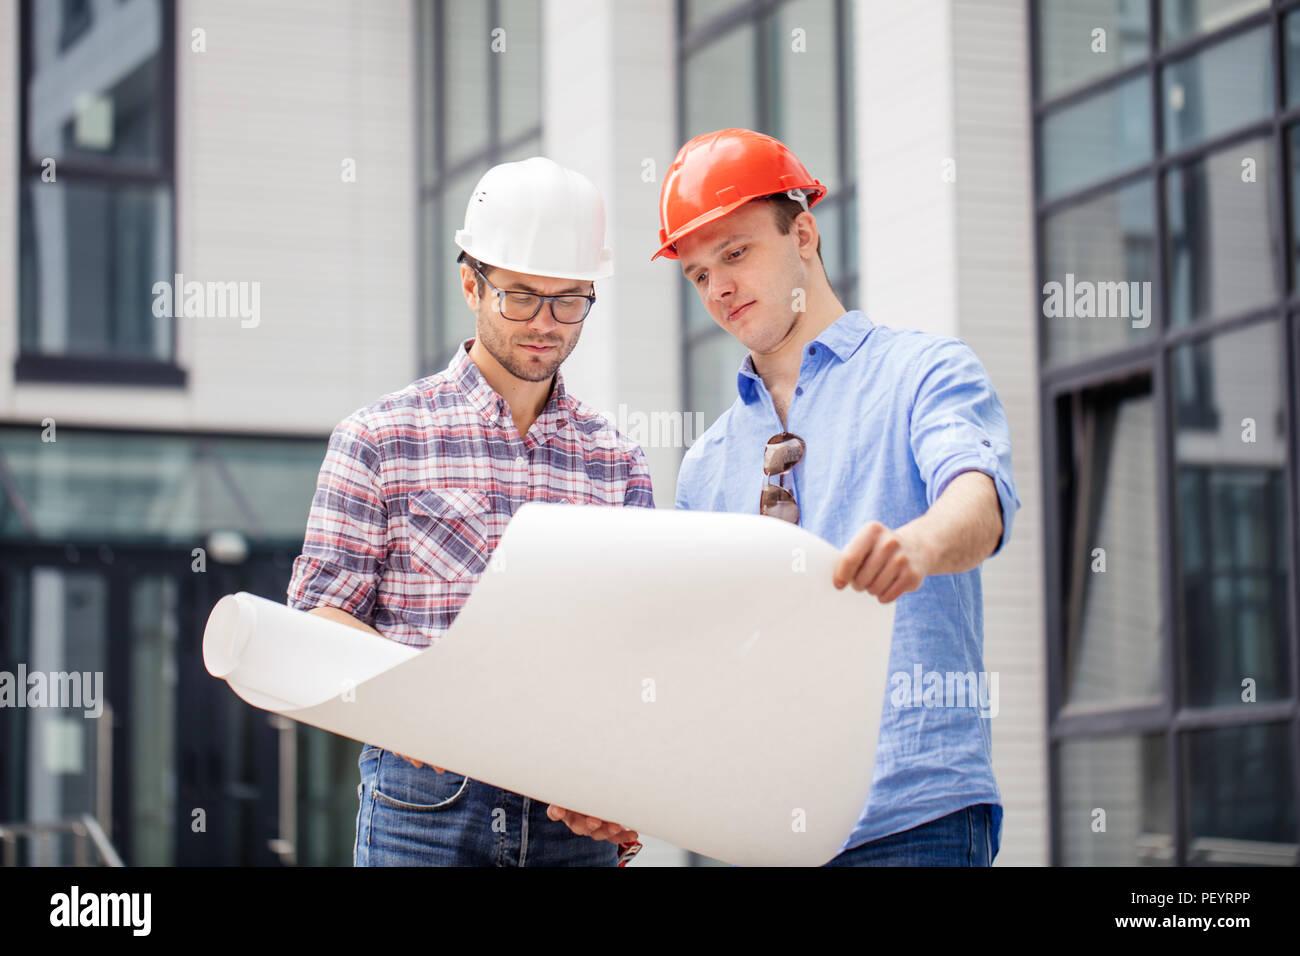 Dos arquitectos están desarrollando un plan de negocios. cerrar foto. Edificio moderno en el fondo de la foto. Imagen De Stock